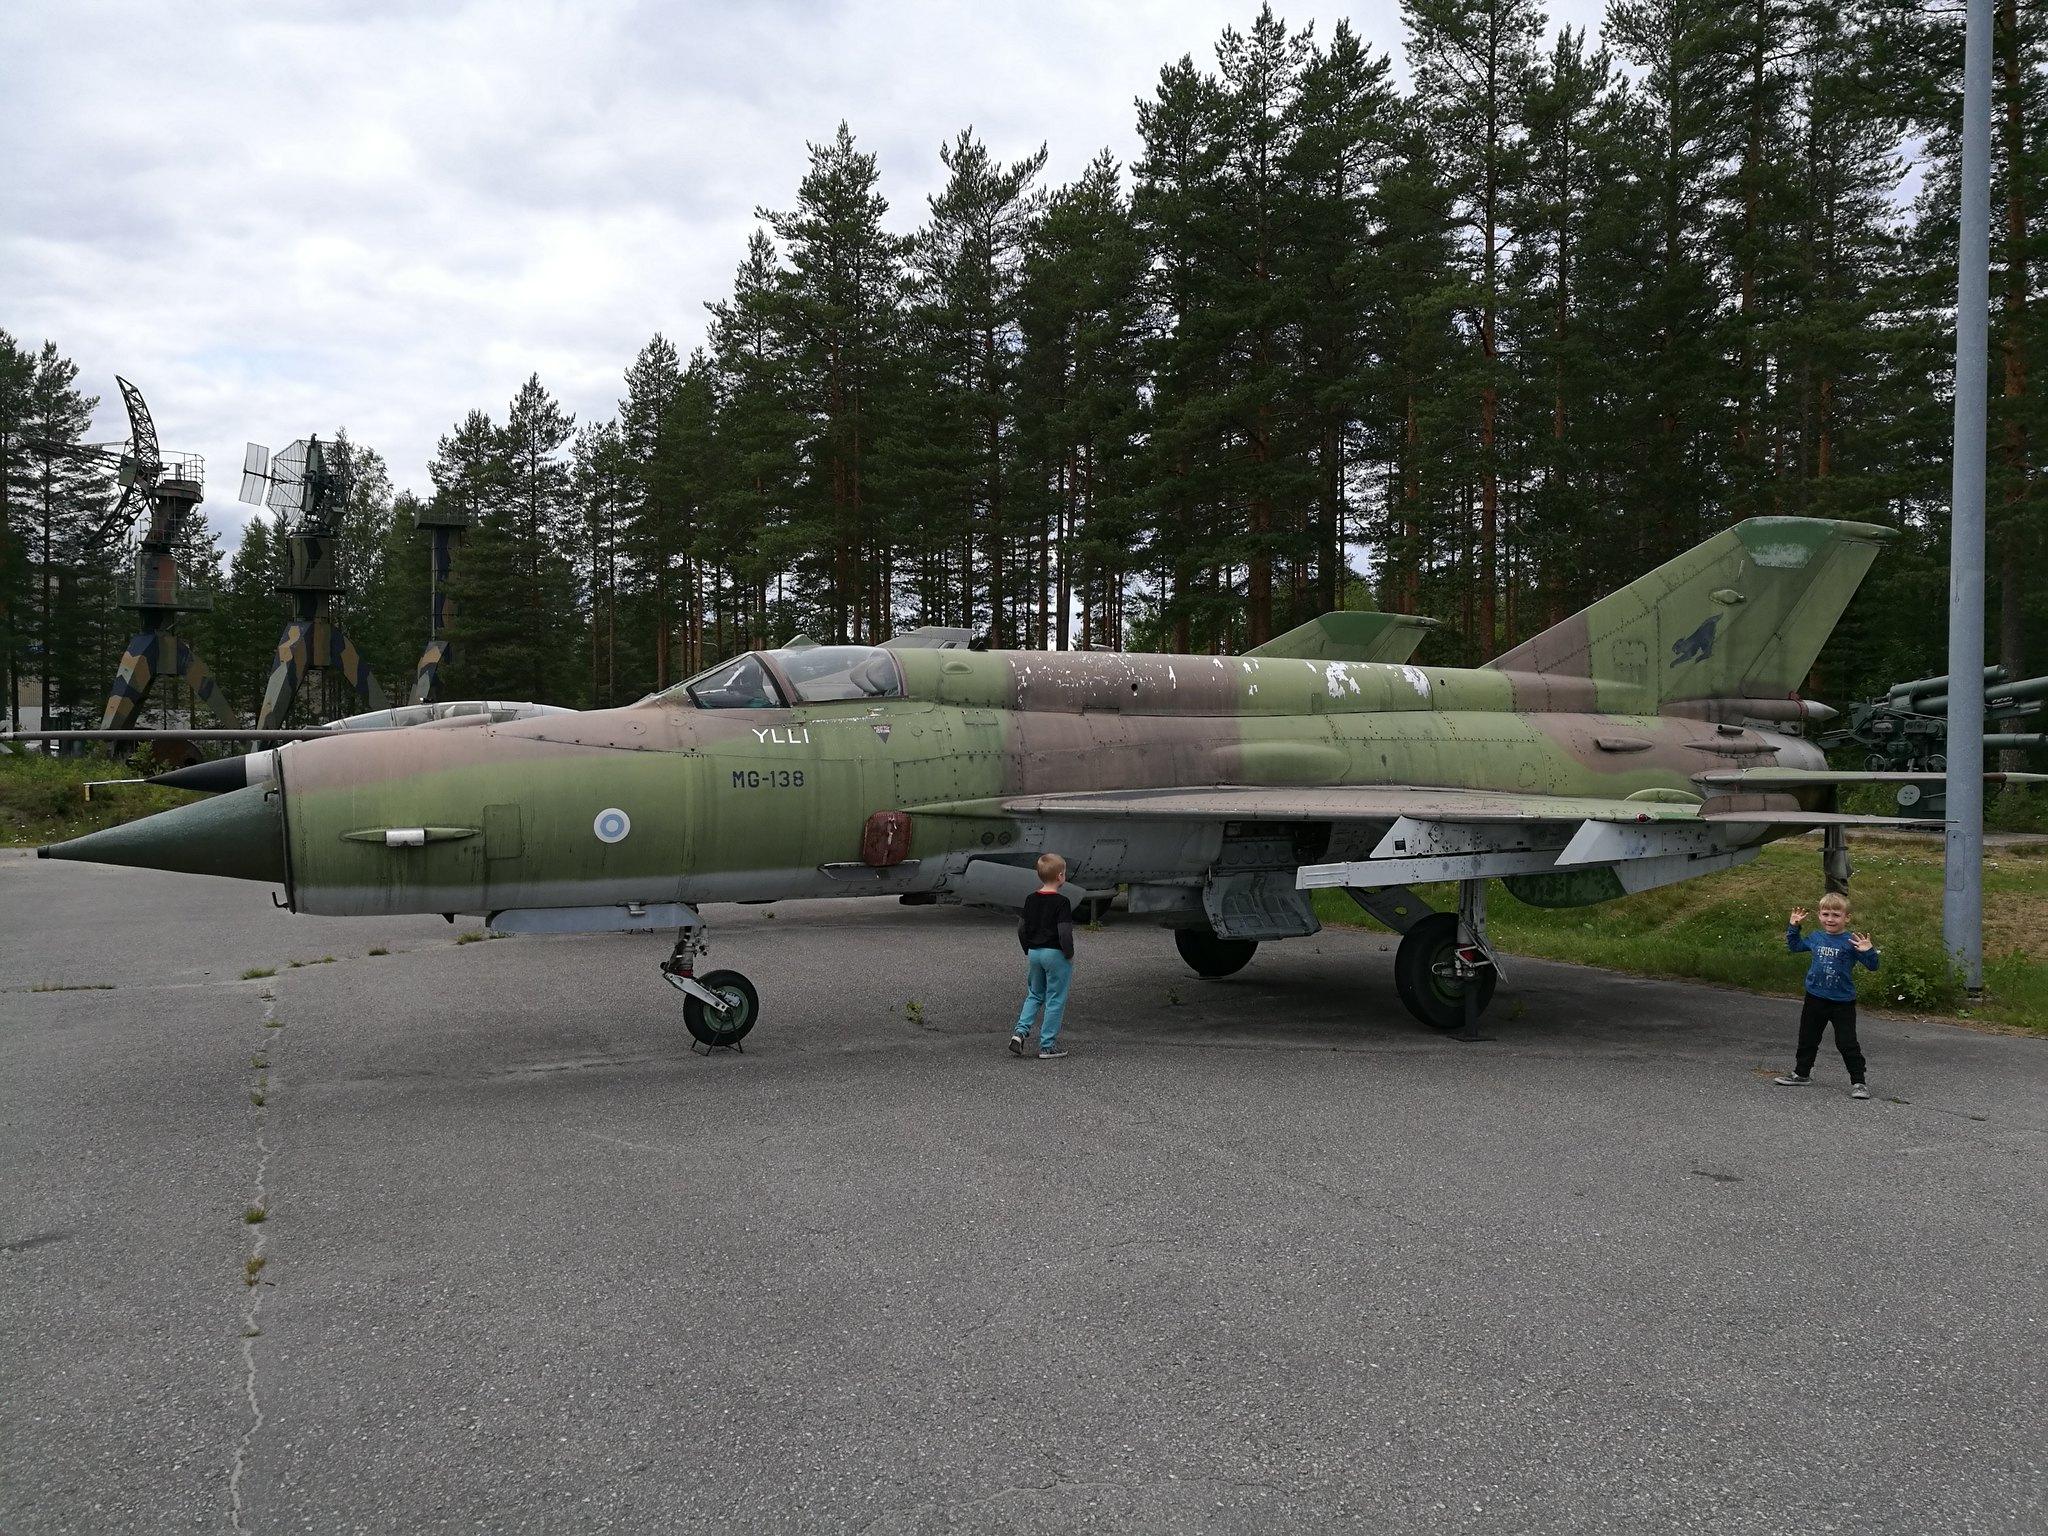 Hemkommen från semester i Finland med utflykt till Finlands Flygvapenmuseum. 48287368981_11ad650057_k